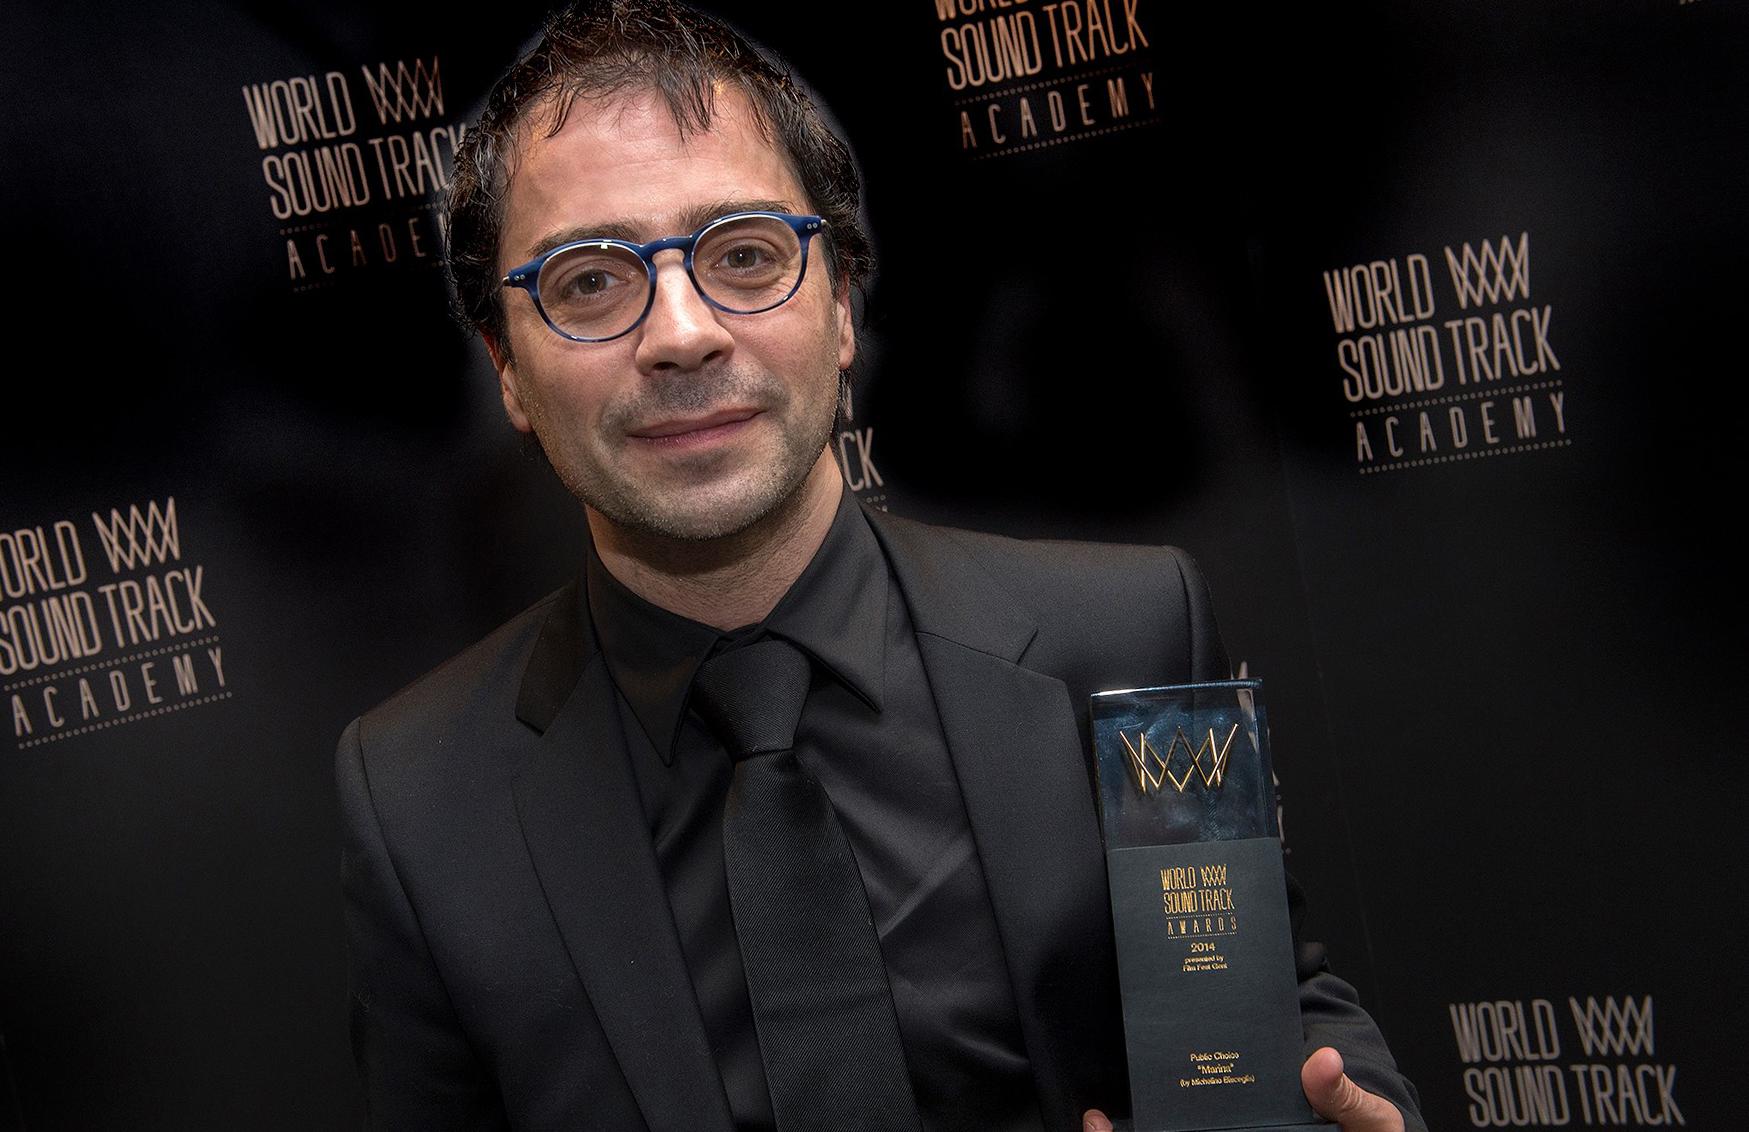 Michelino Bisceglia wins World soundtrack award